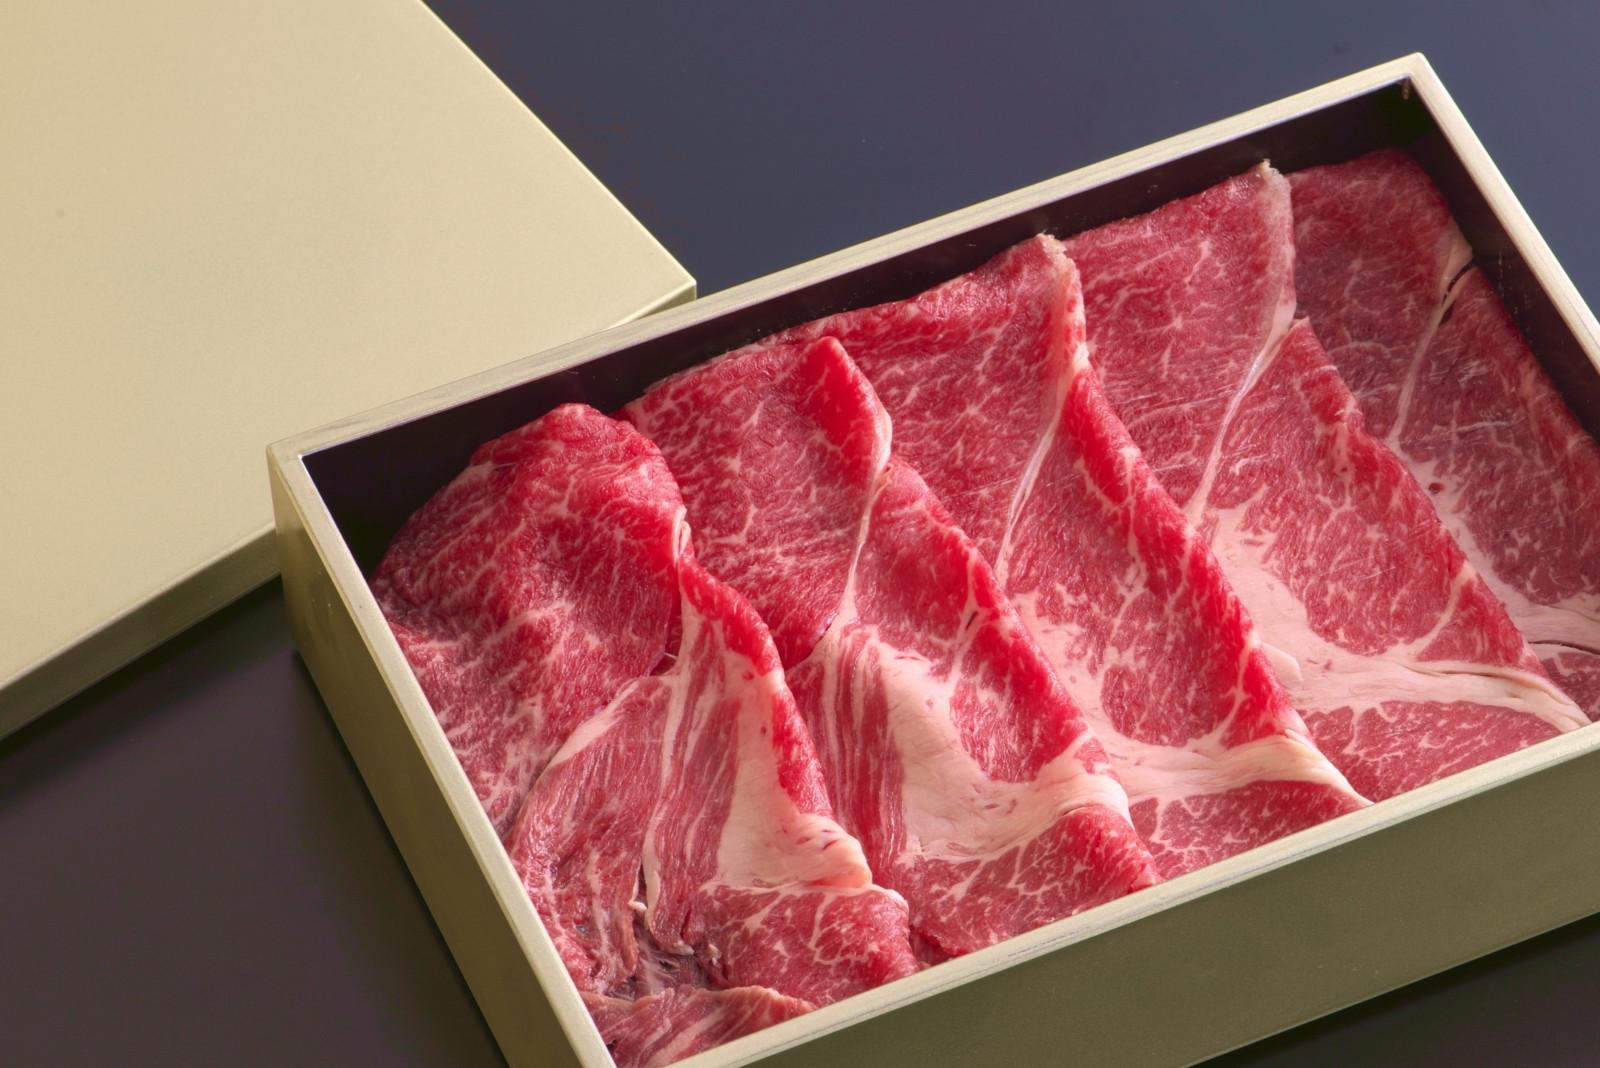 日本三大和牛の1つ「近江牛」柔らかくとろける肉を「出汁しゃぶ」でご堪能くださいませ。セット内容【近江牛赤身240g、特製つけ出汁、ぽん酢、うどん、柚子胡椒、刻みねぎ、季節の野菜セット】写真はイメージ